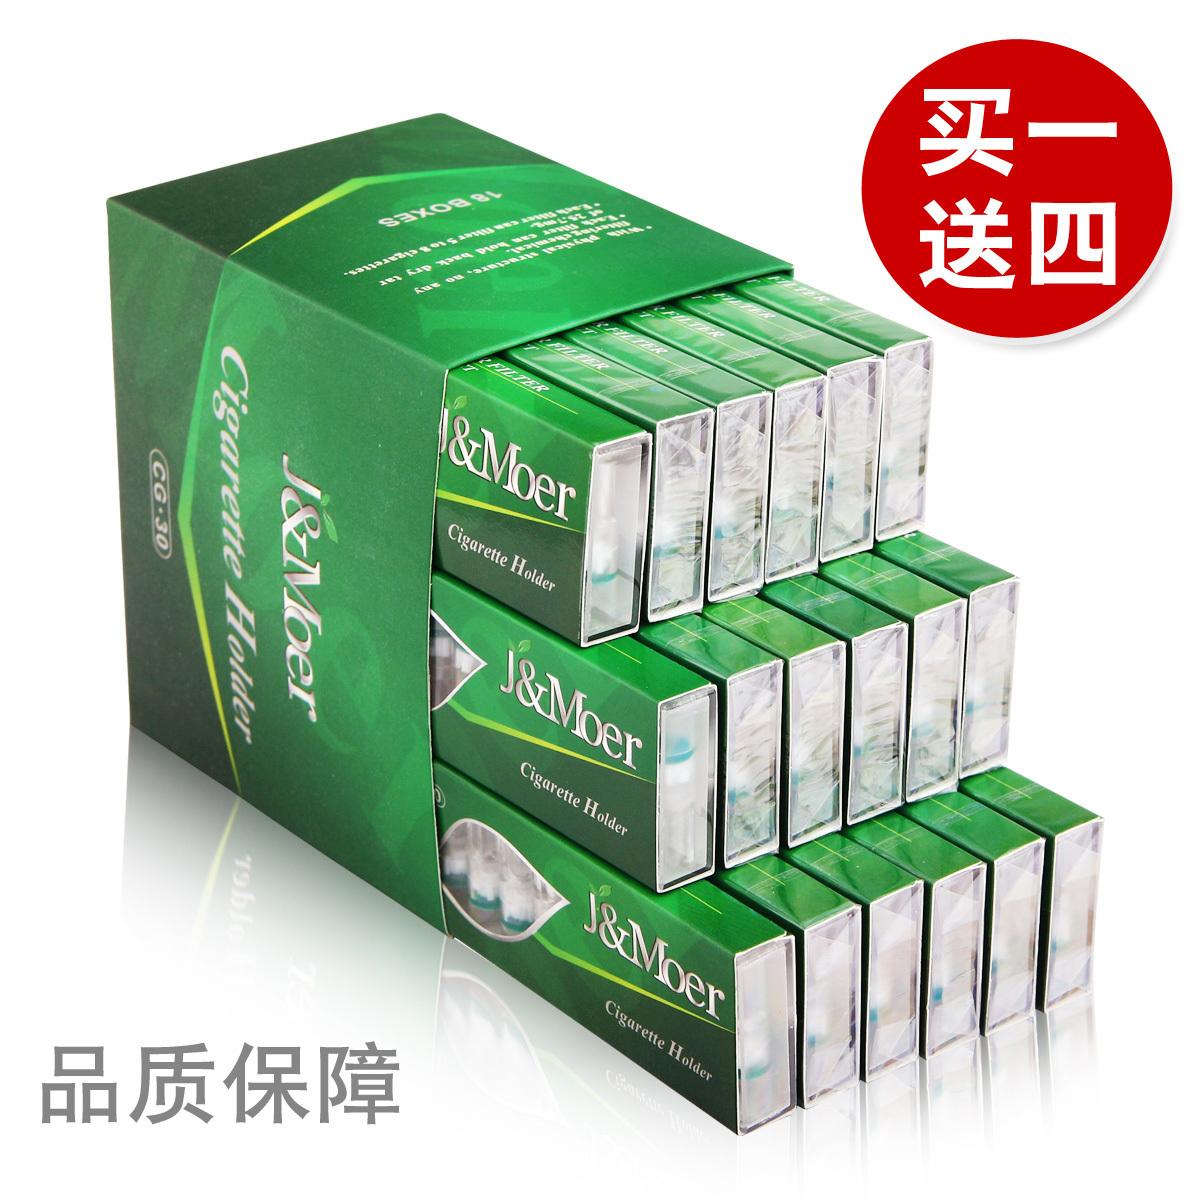 烟嘴 过滤烟嘴 一次性烟嘴 抛弃型 过滤嘴 正品 摩尔 CG-30 180支